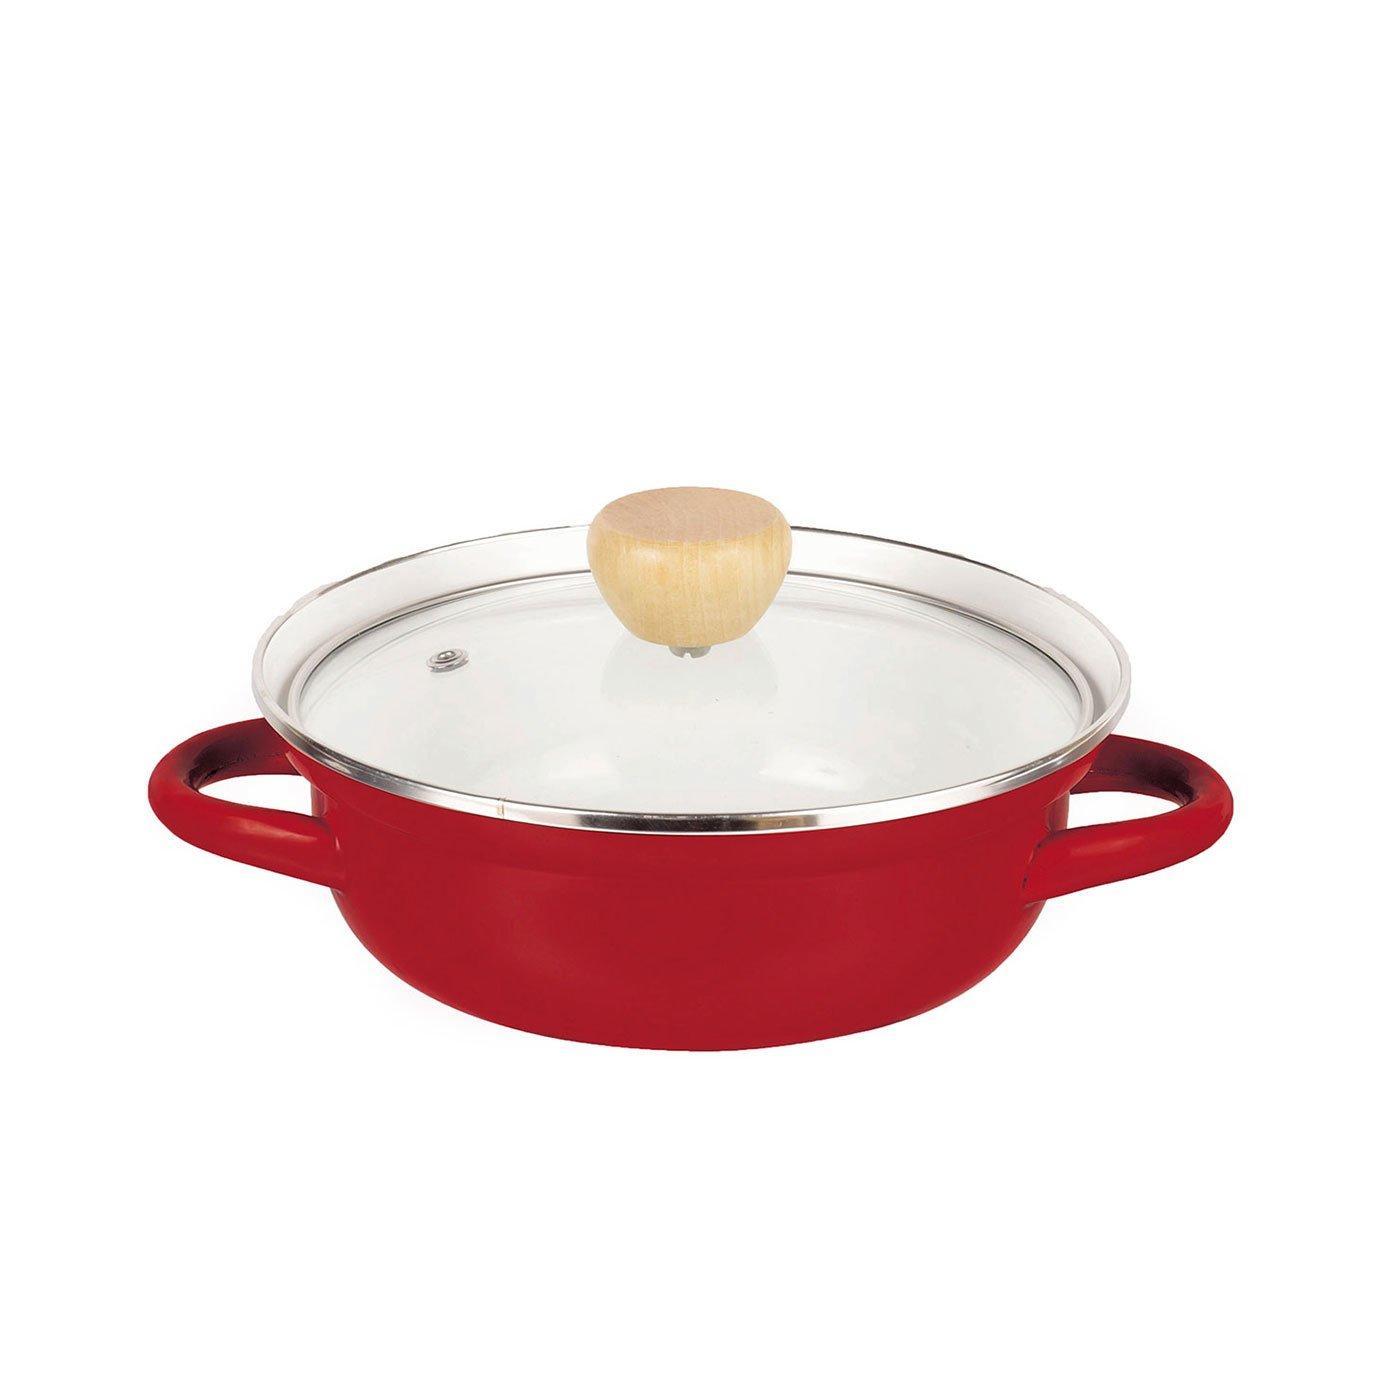 赤色が食卓を彩る ガス火でもIHでも使えるホーロー卓上鍋〈20cm〉